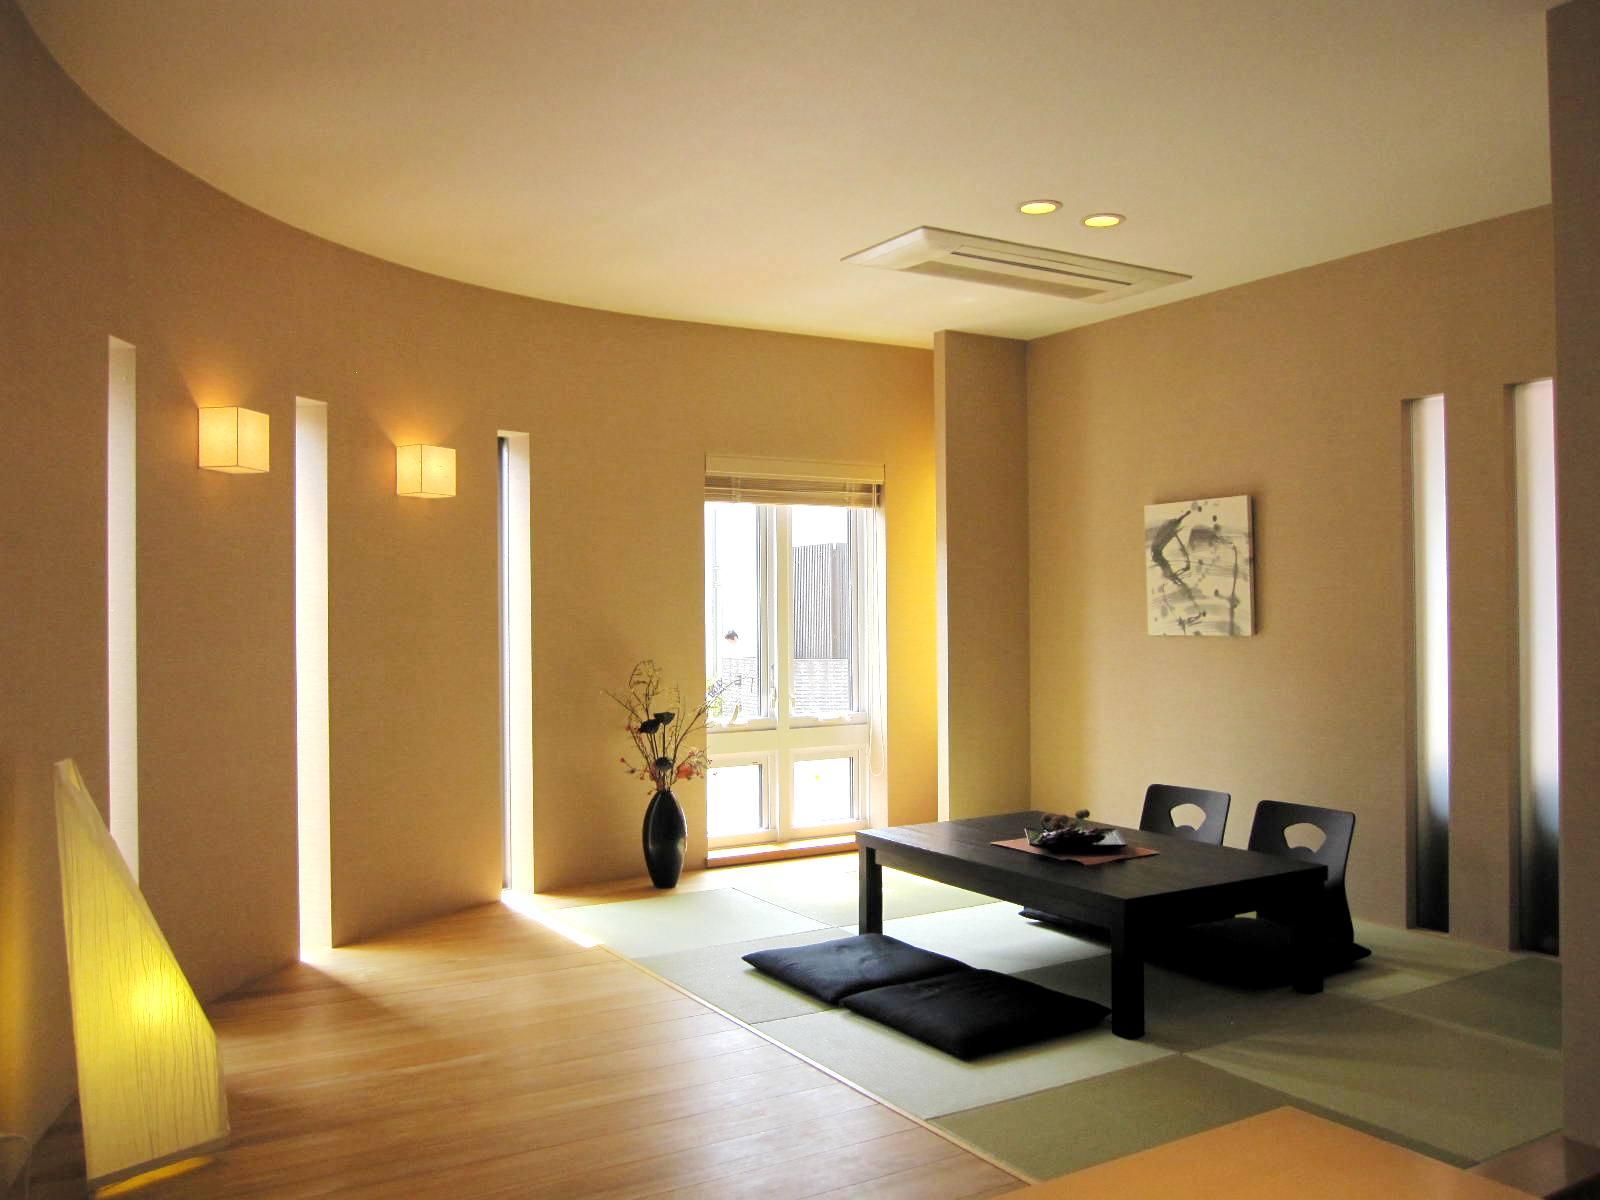 モデルハウス/住宅展示場情報:草津展示場のスライダー用サムネイル画像